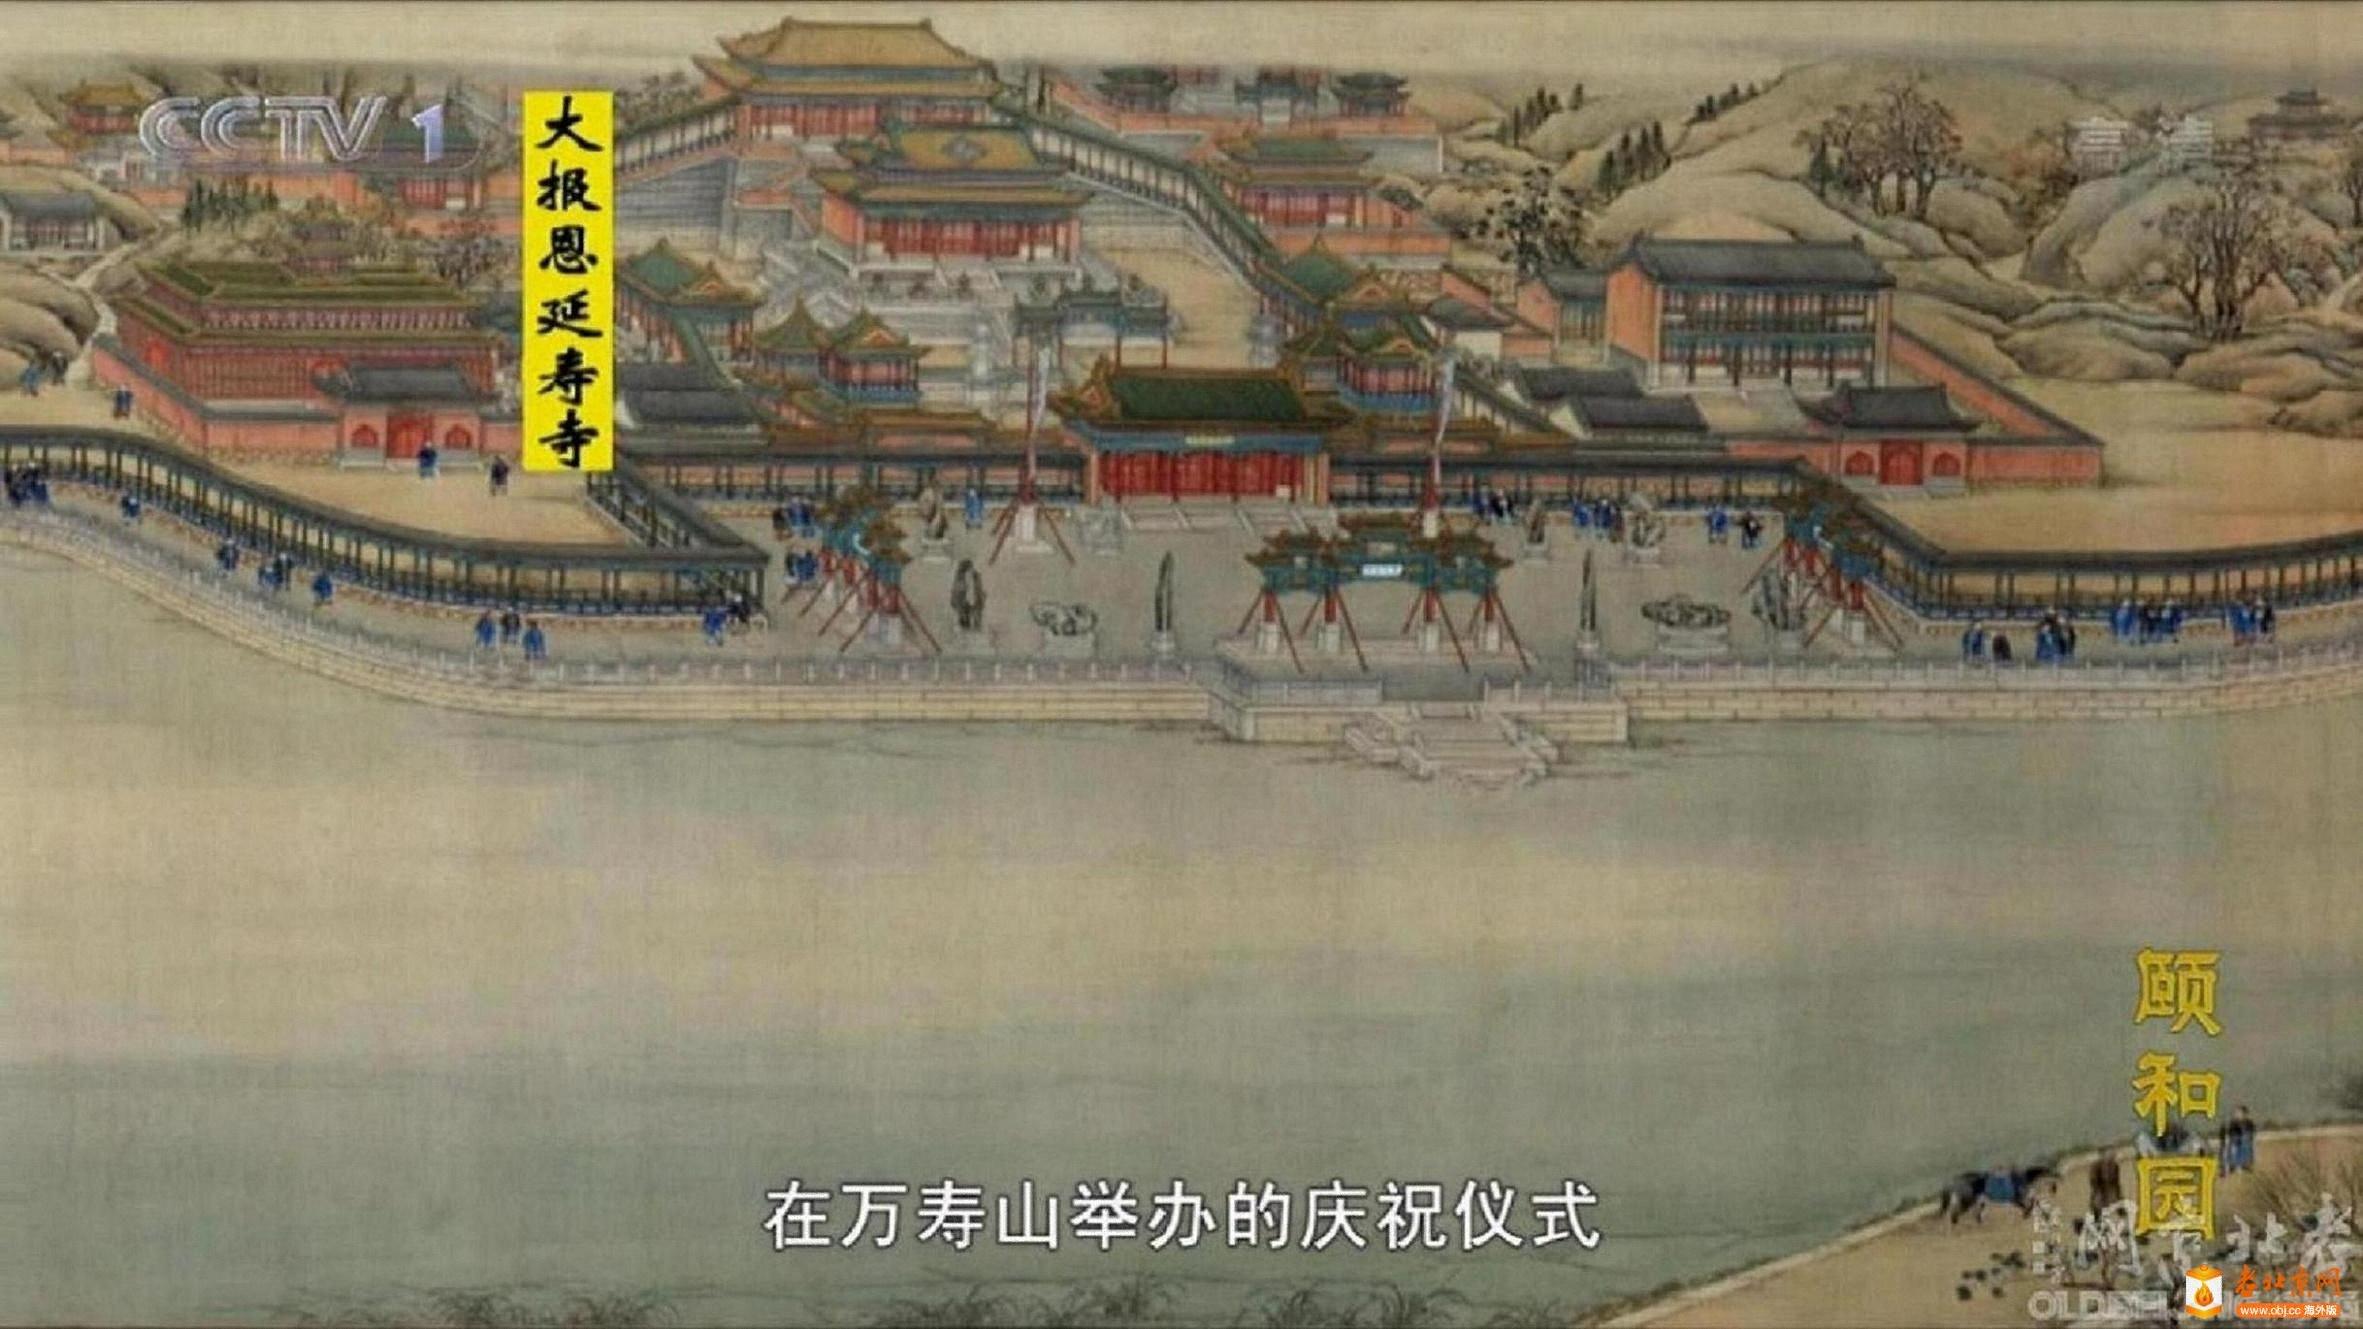 502.大报恩寺牌楼院.jpg